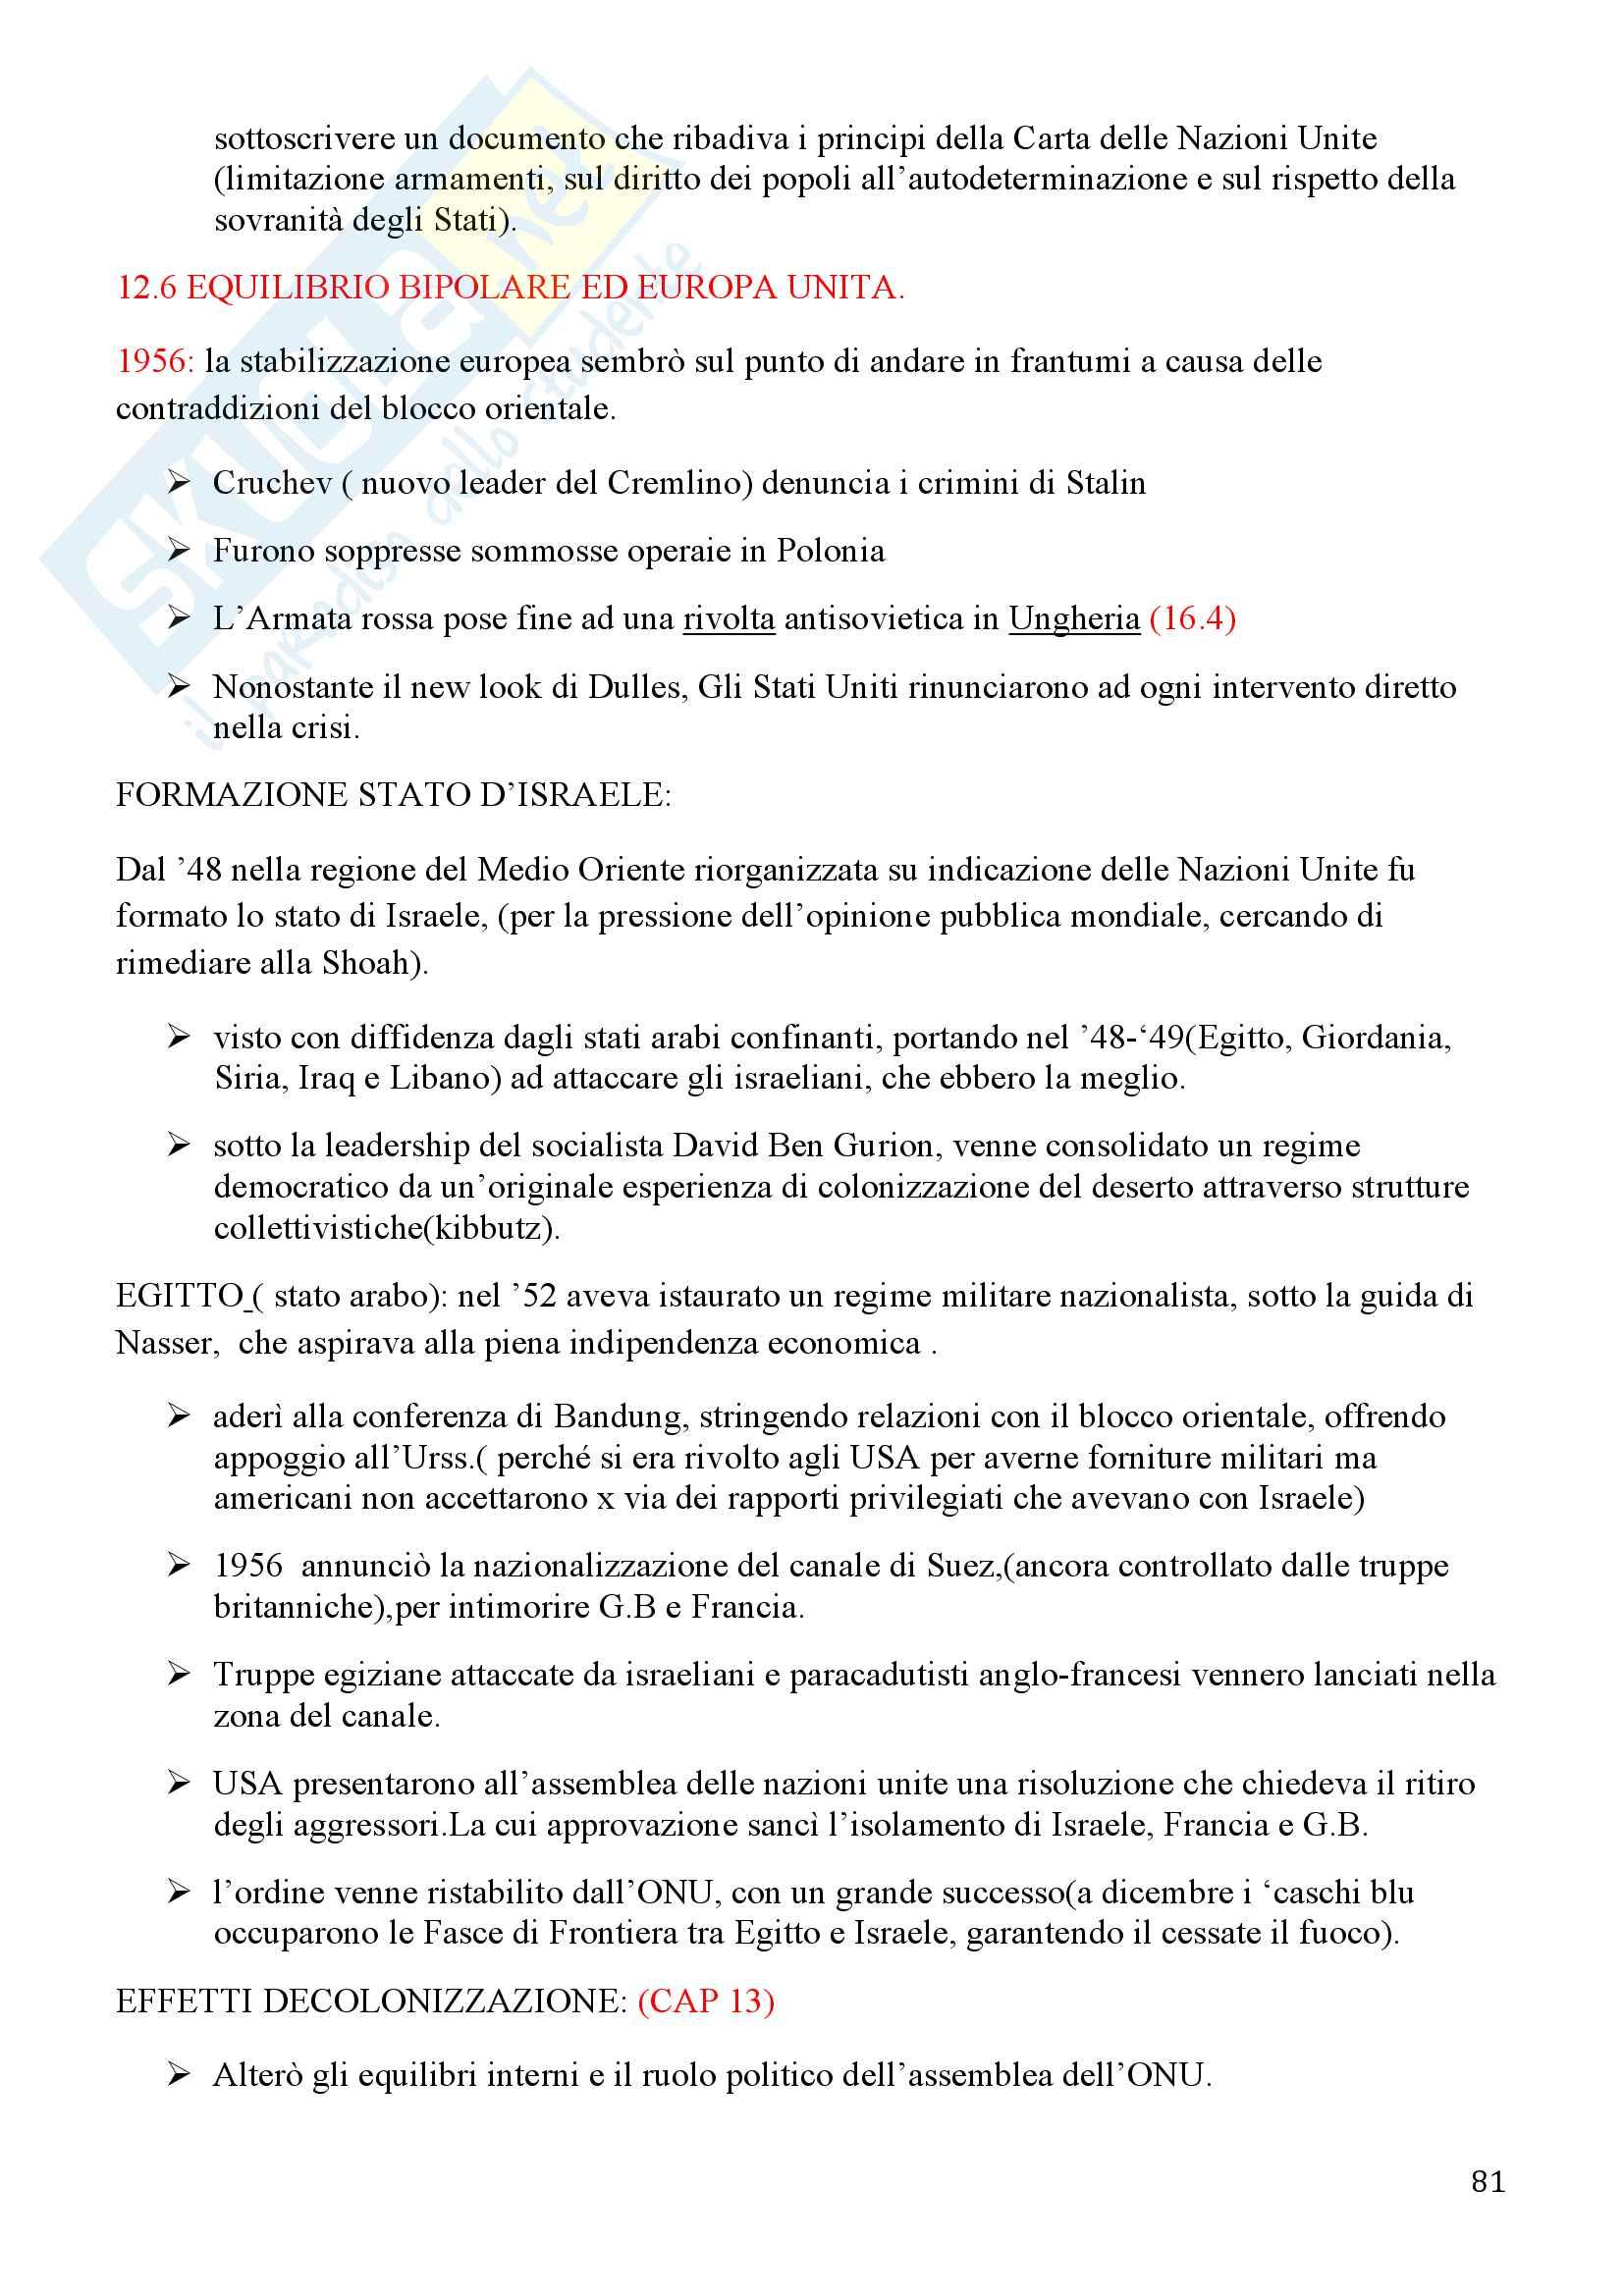 Storia Contemporanea, Detti, Gozzini il Novecento - Riassunto Pag. 81